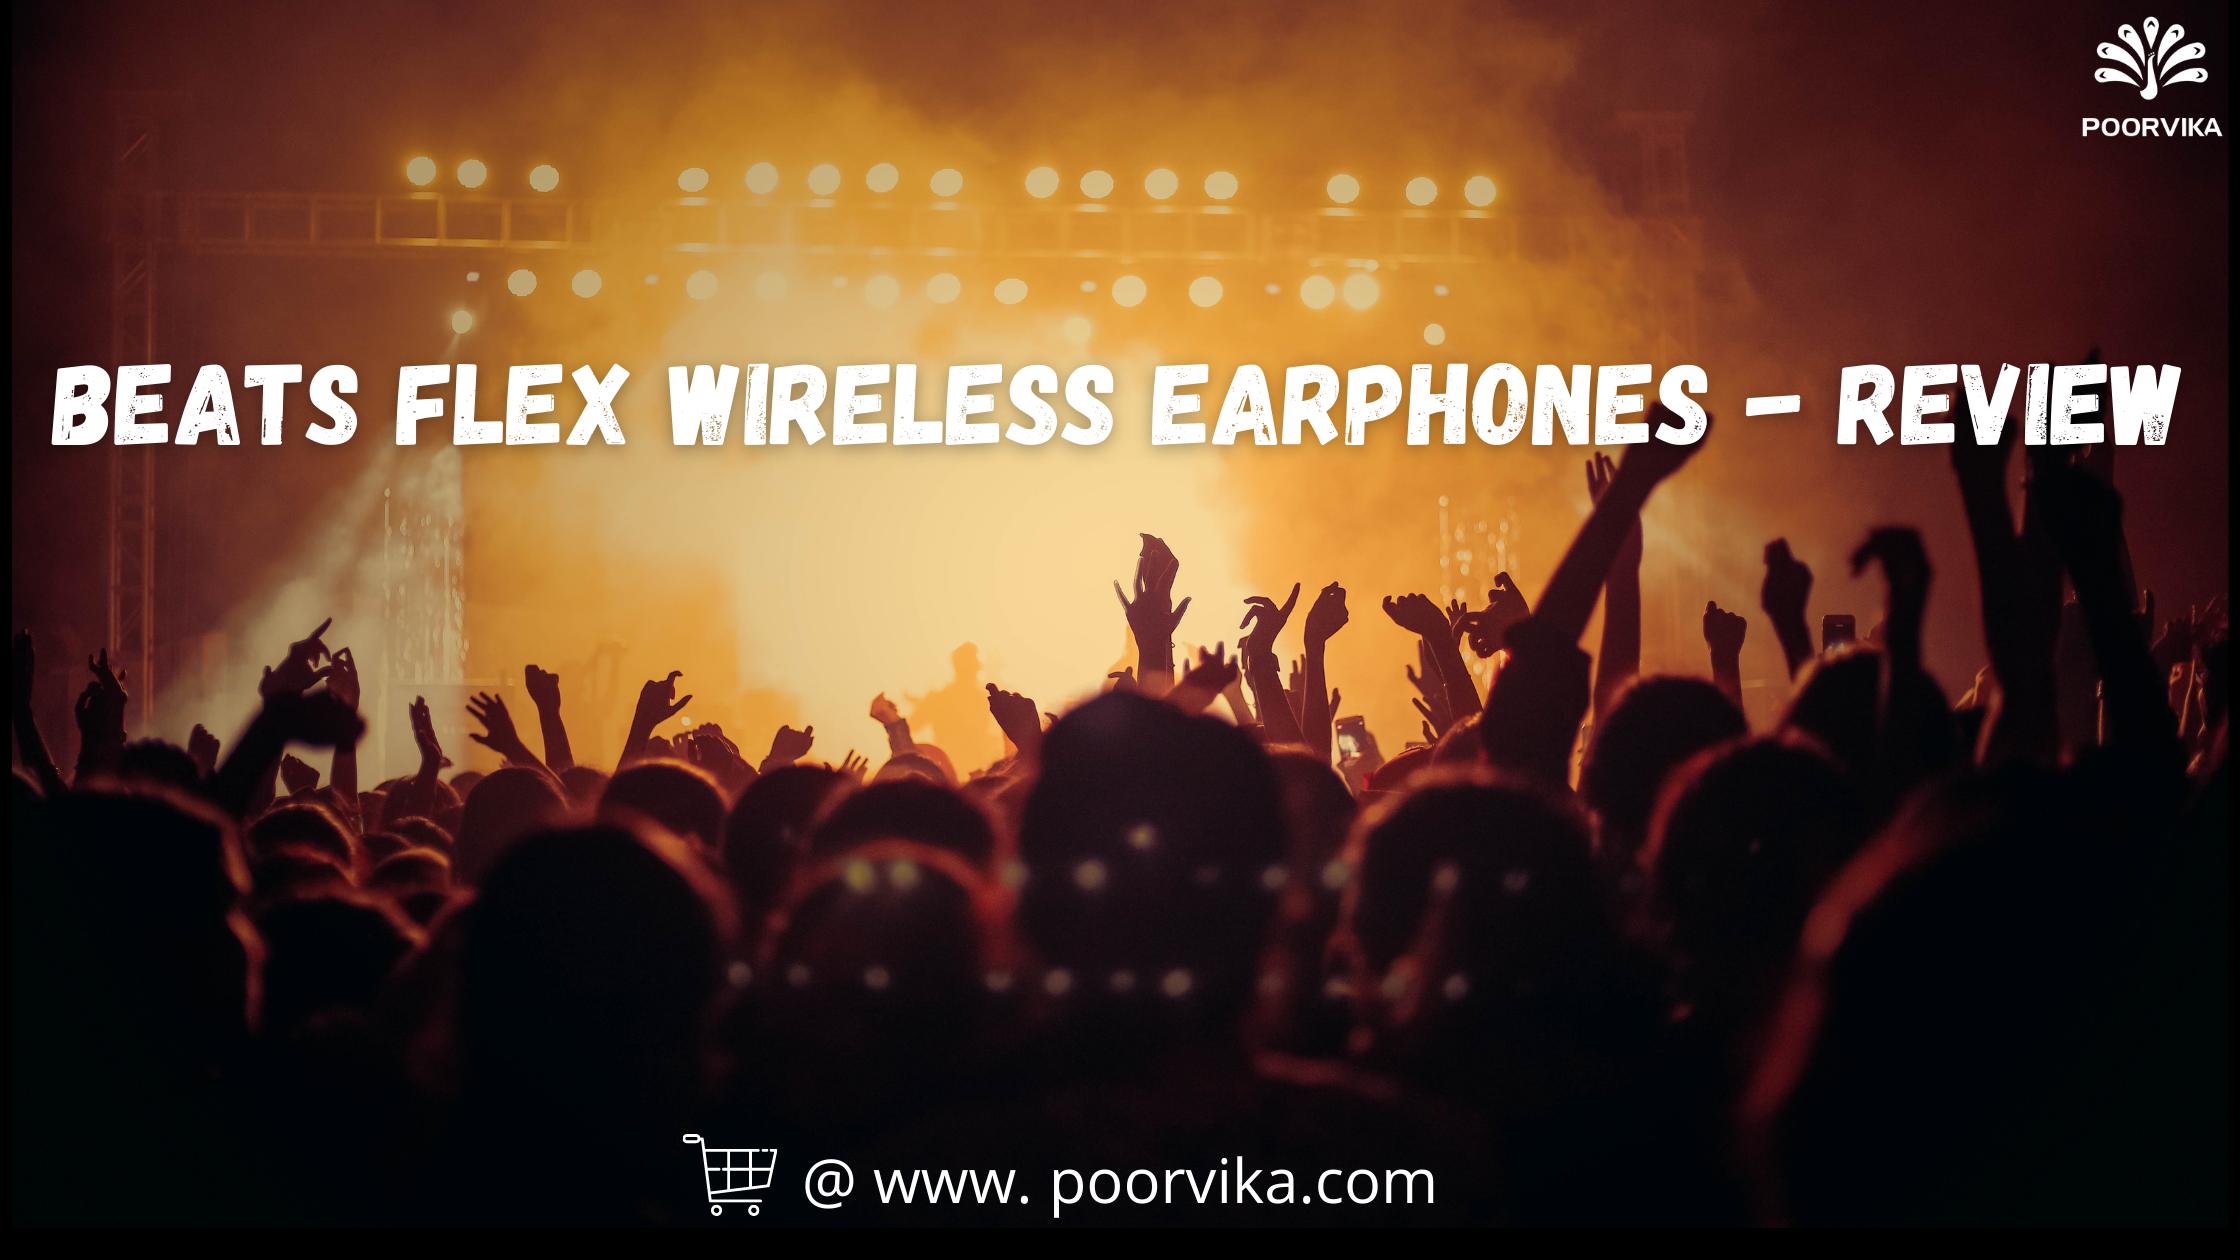 Beats Flex Wireless Earphones- Review